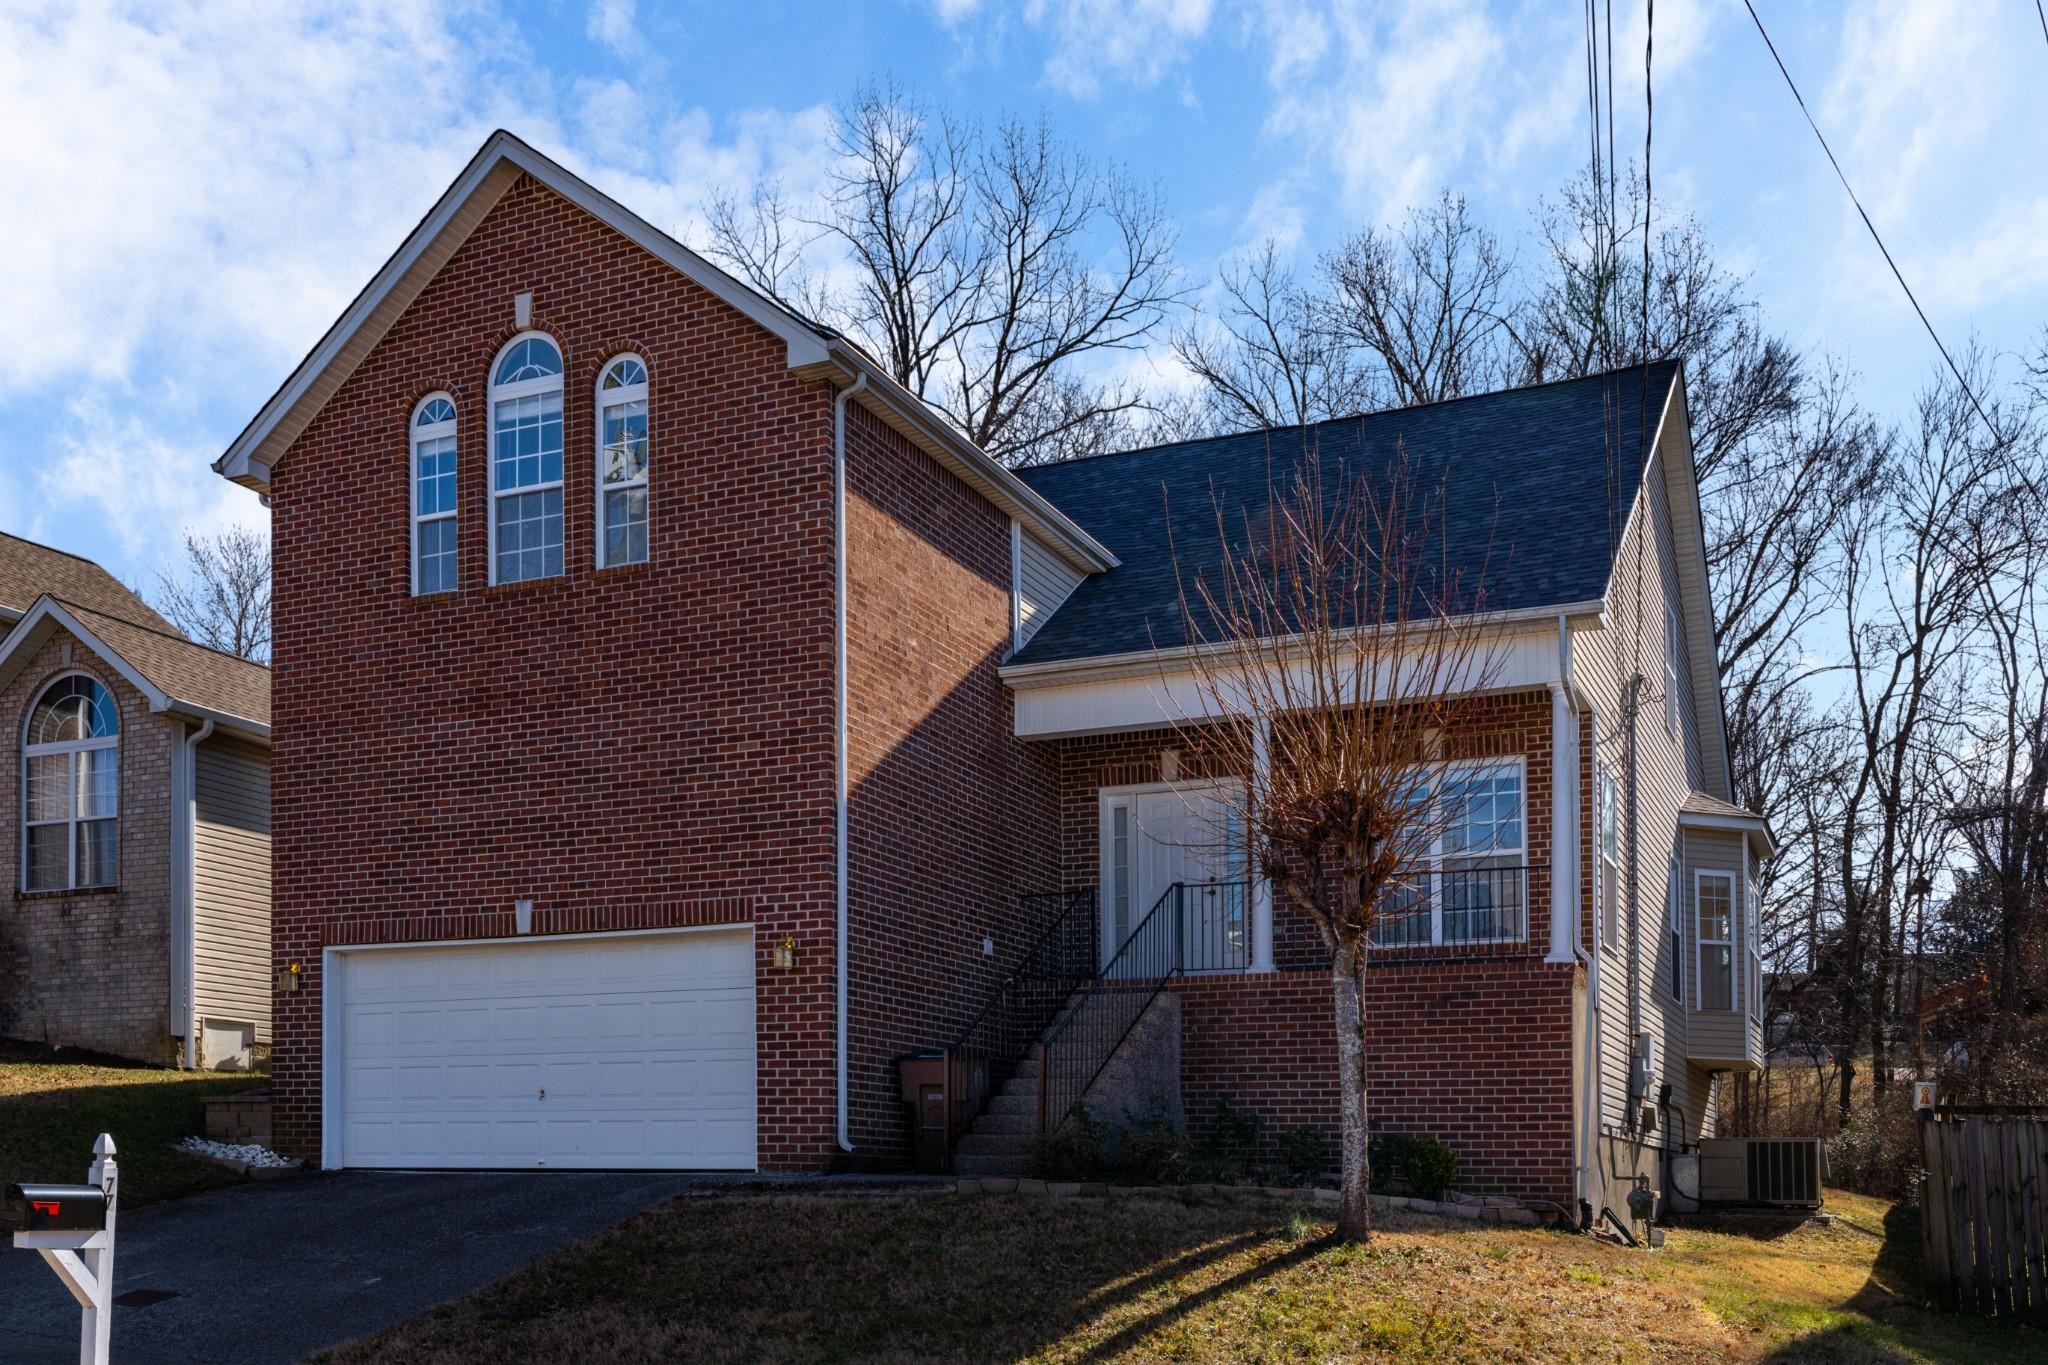 77 KENDALL PARK DR Property Photo - Nashville, TN real estate listing